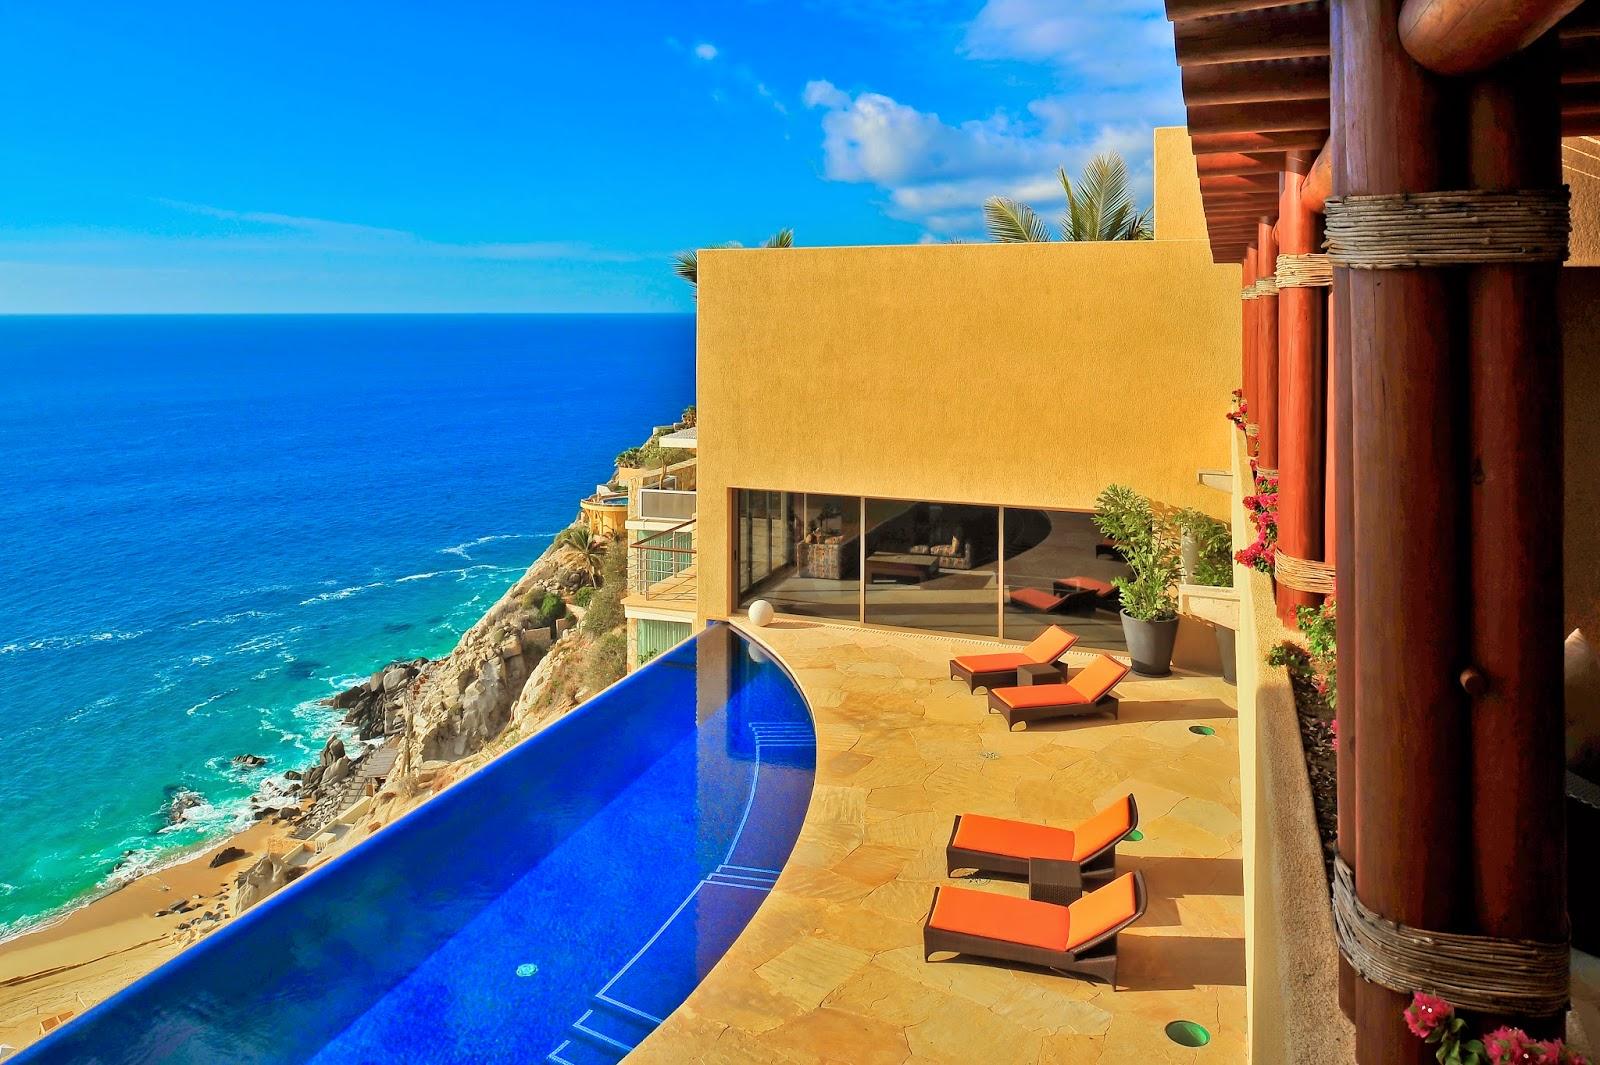 Villa Bellissima en el Cabo San Lucas en México - Foto: TripAdvisor Vacation Rentals